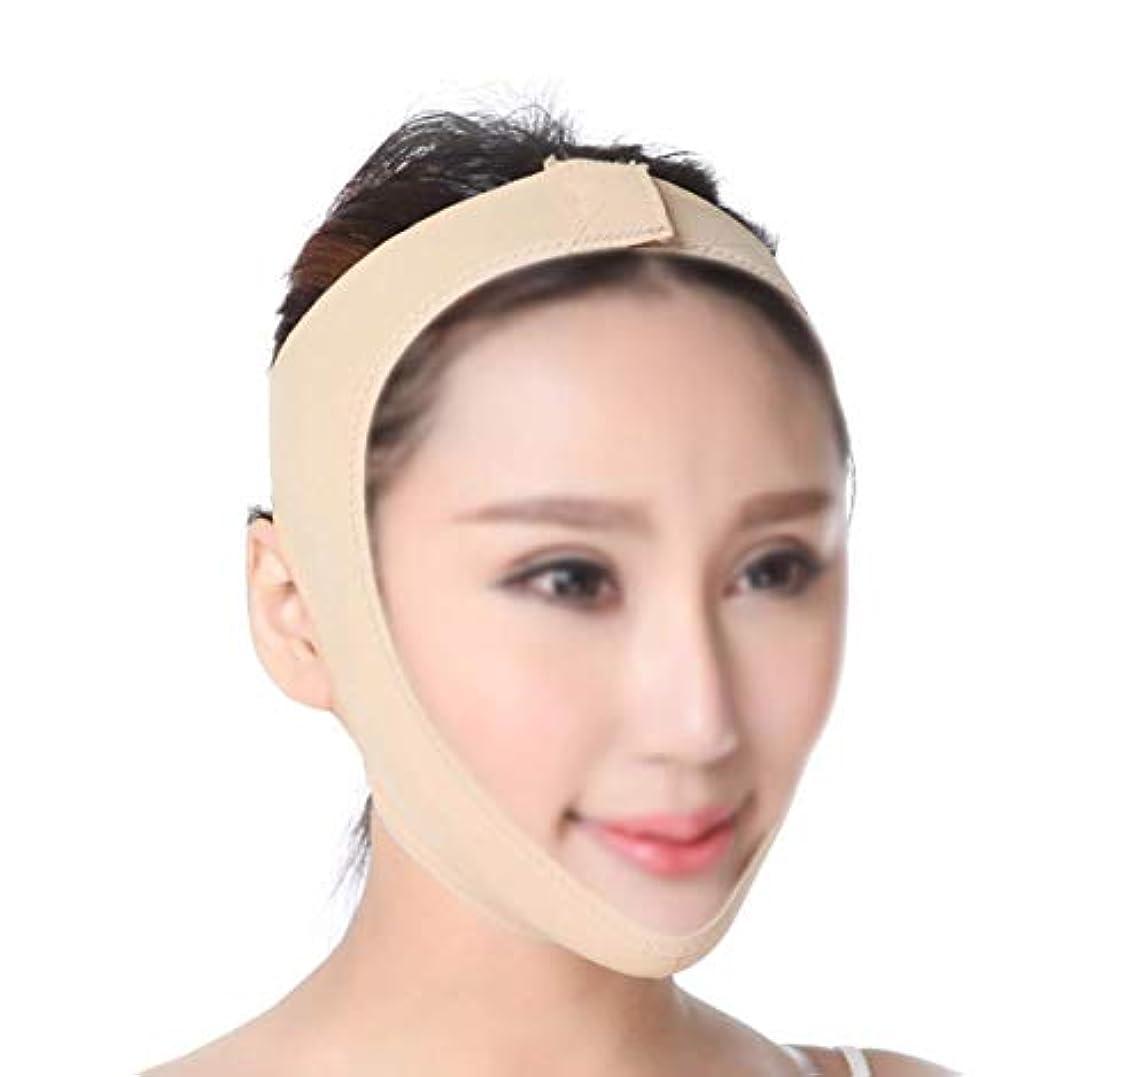 振るうファブリックビクターフェイスリフティング包帯、Vフェイスインストゥルメントフェイスマスクアーティファクト引き締めマスク手動フェイシャルマッサージ通気性肌のトーン(サイズ:M),Xl